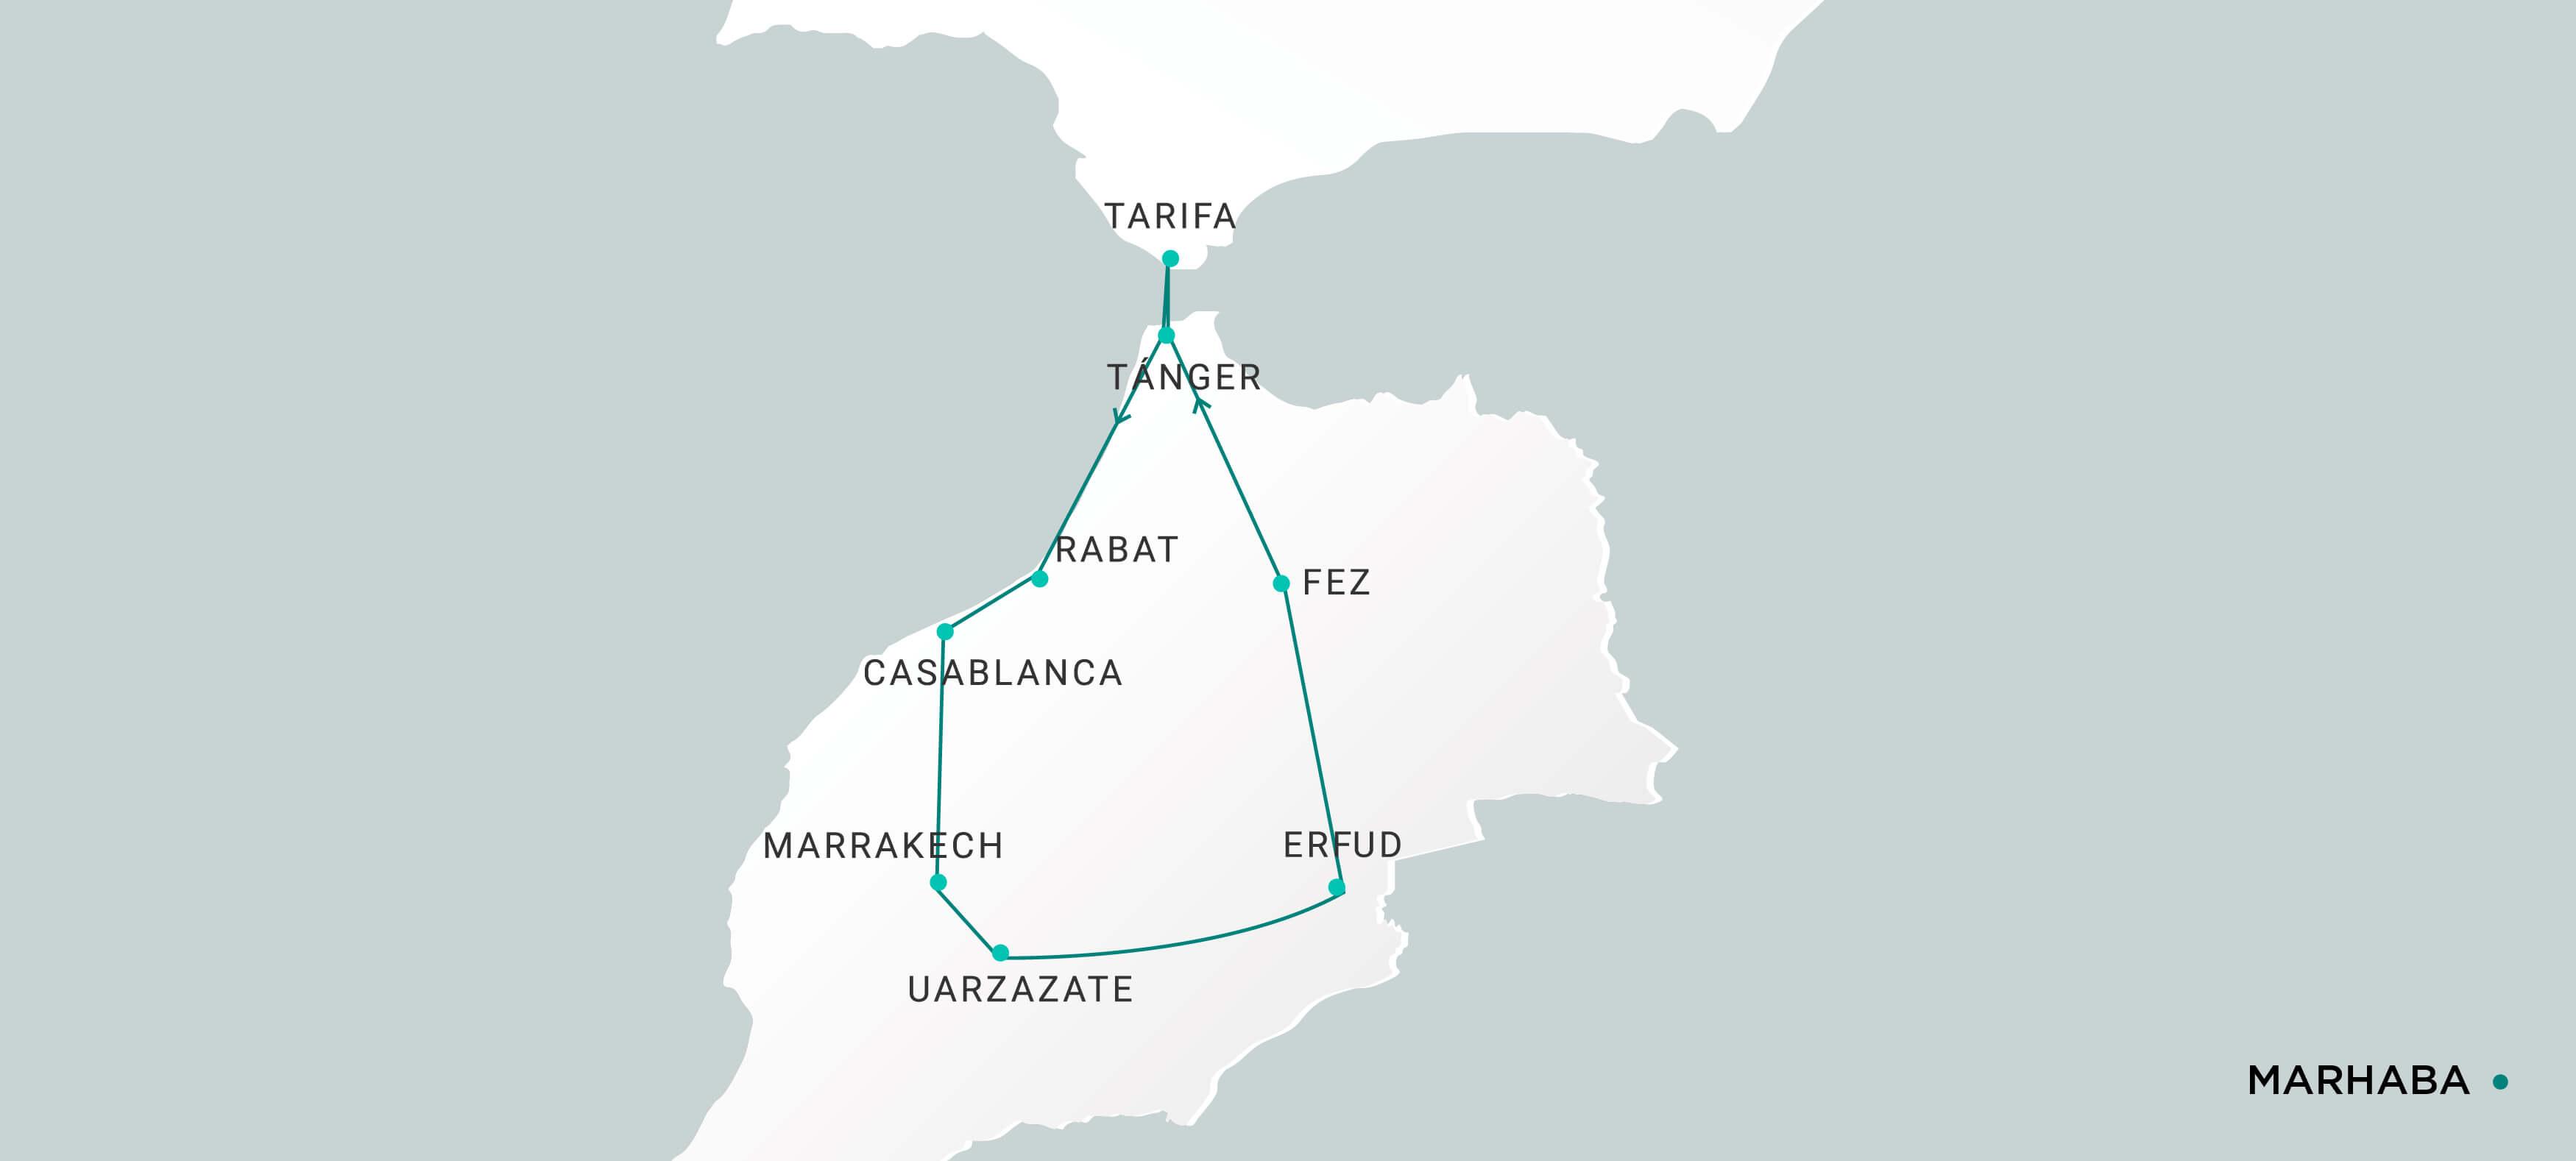 Mapa Marhaba